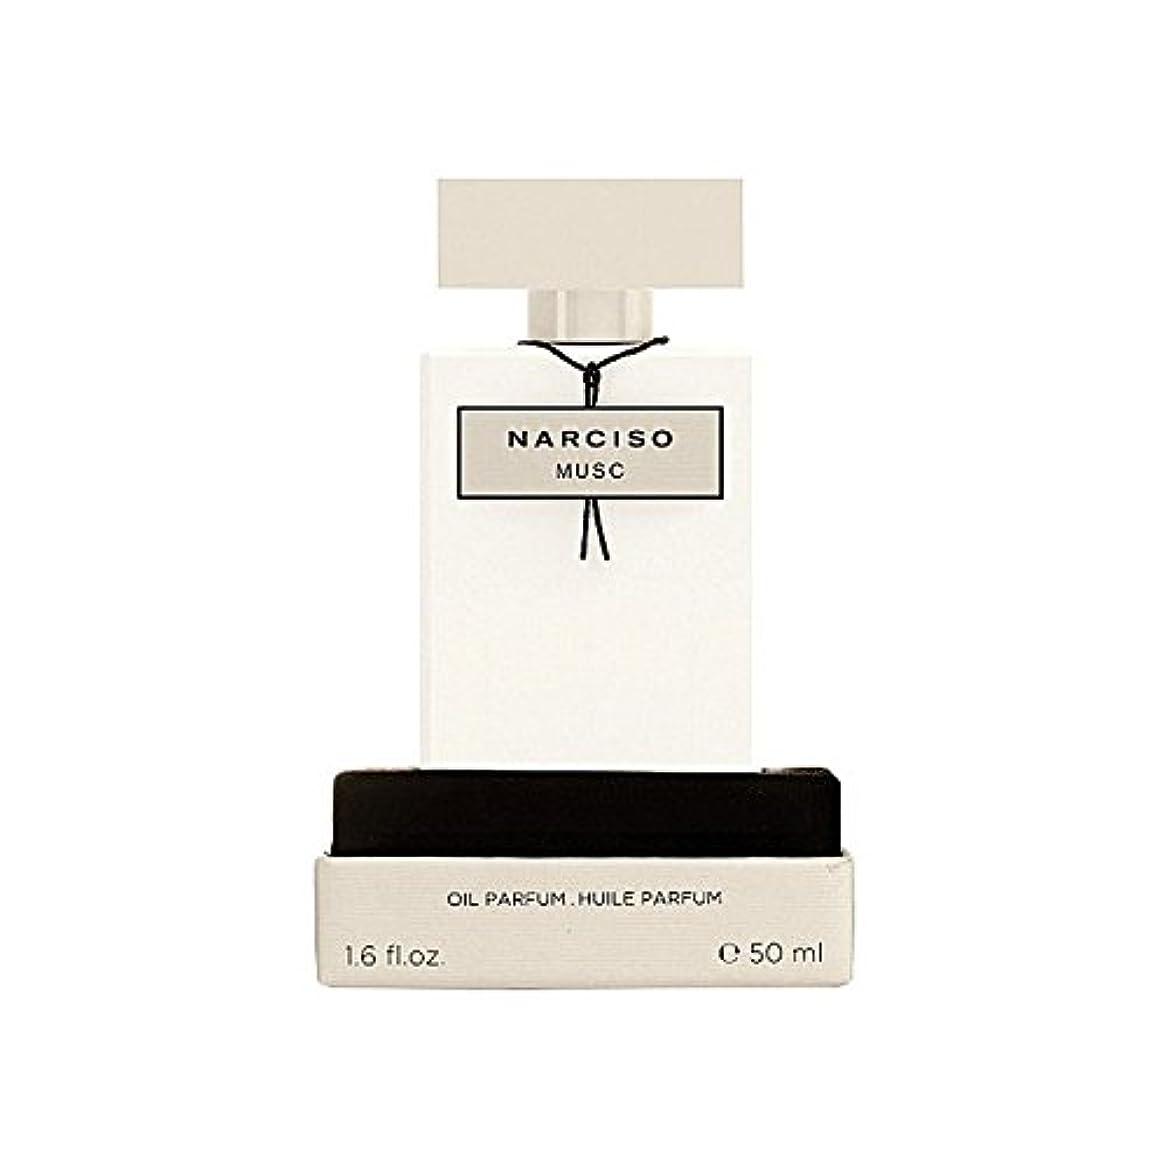 ピストン検索音声学ナルシソ?ロドリゲスナルシソオイル50ミリリットル x4 - Narciso Rodriguez Narciso Musc Oil 50ml (Pack of 4) [並行輸入品]